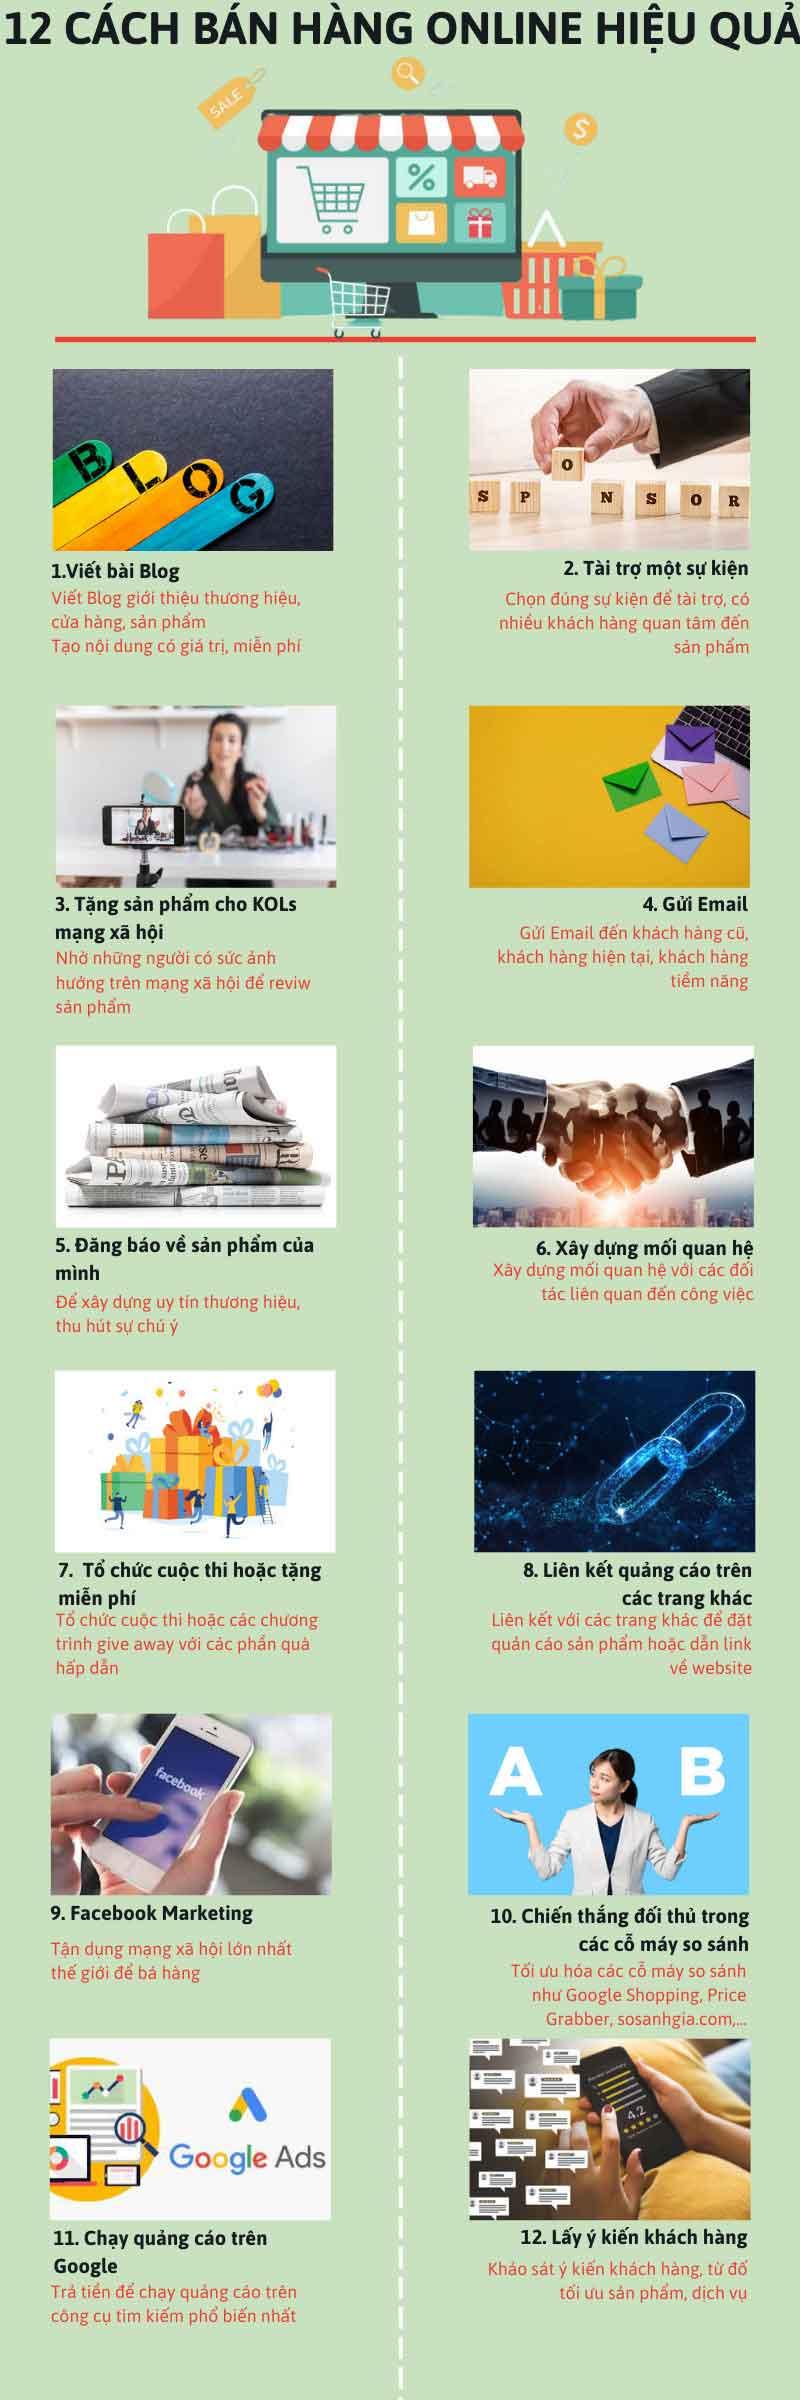 Tổng hợp 12 cách bán hàng online hiệu quả